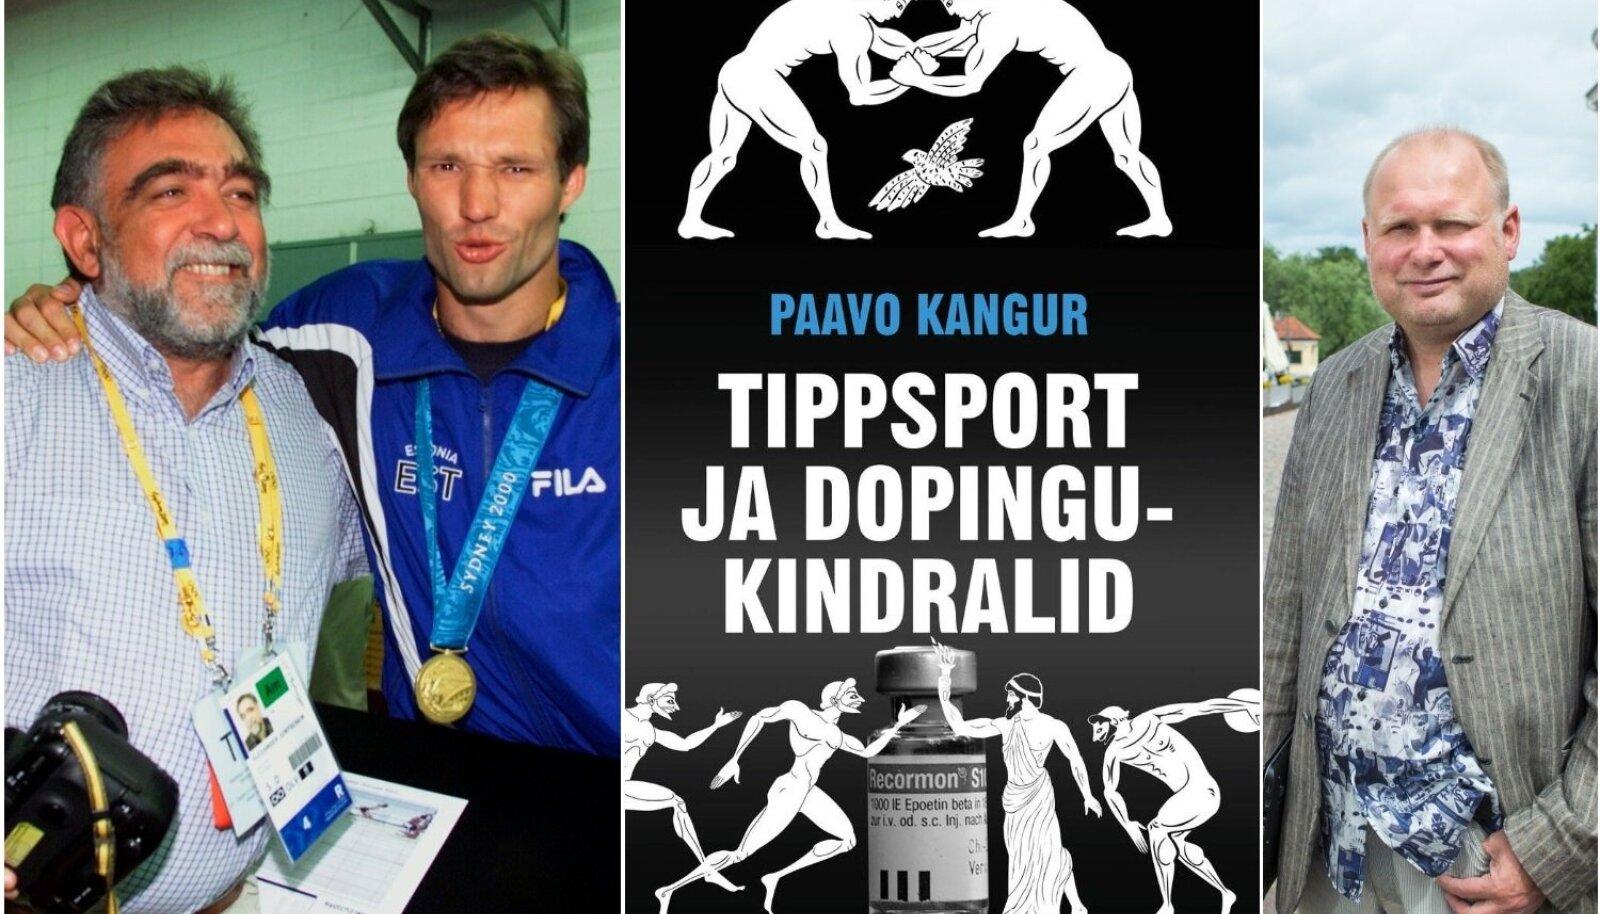 Erki Nool ja Alexander Jontschew tähistavad Sydney olümpiavõitu. Miks leidis see koha Paavo Kanguri (paremal) värskes raamatus?